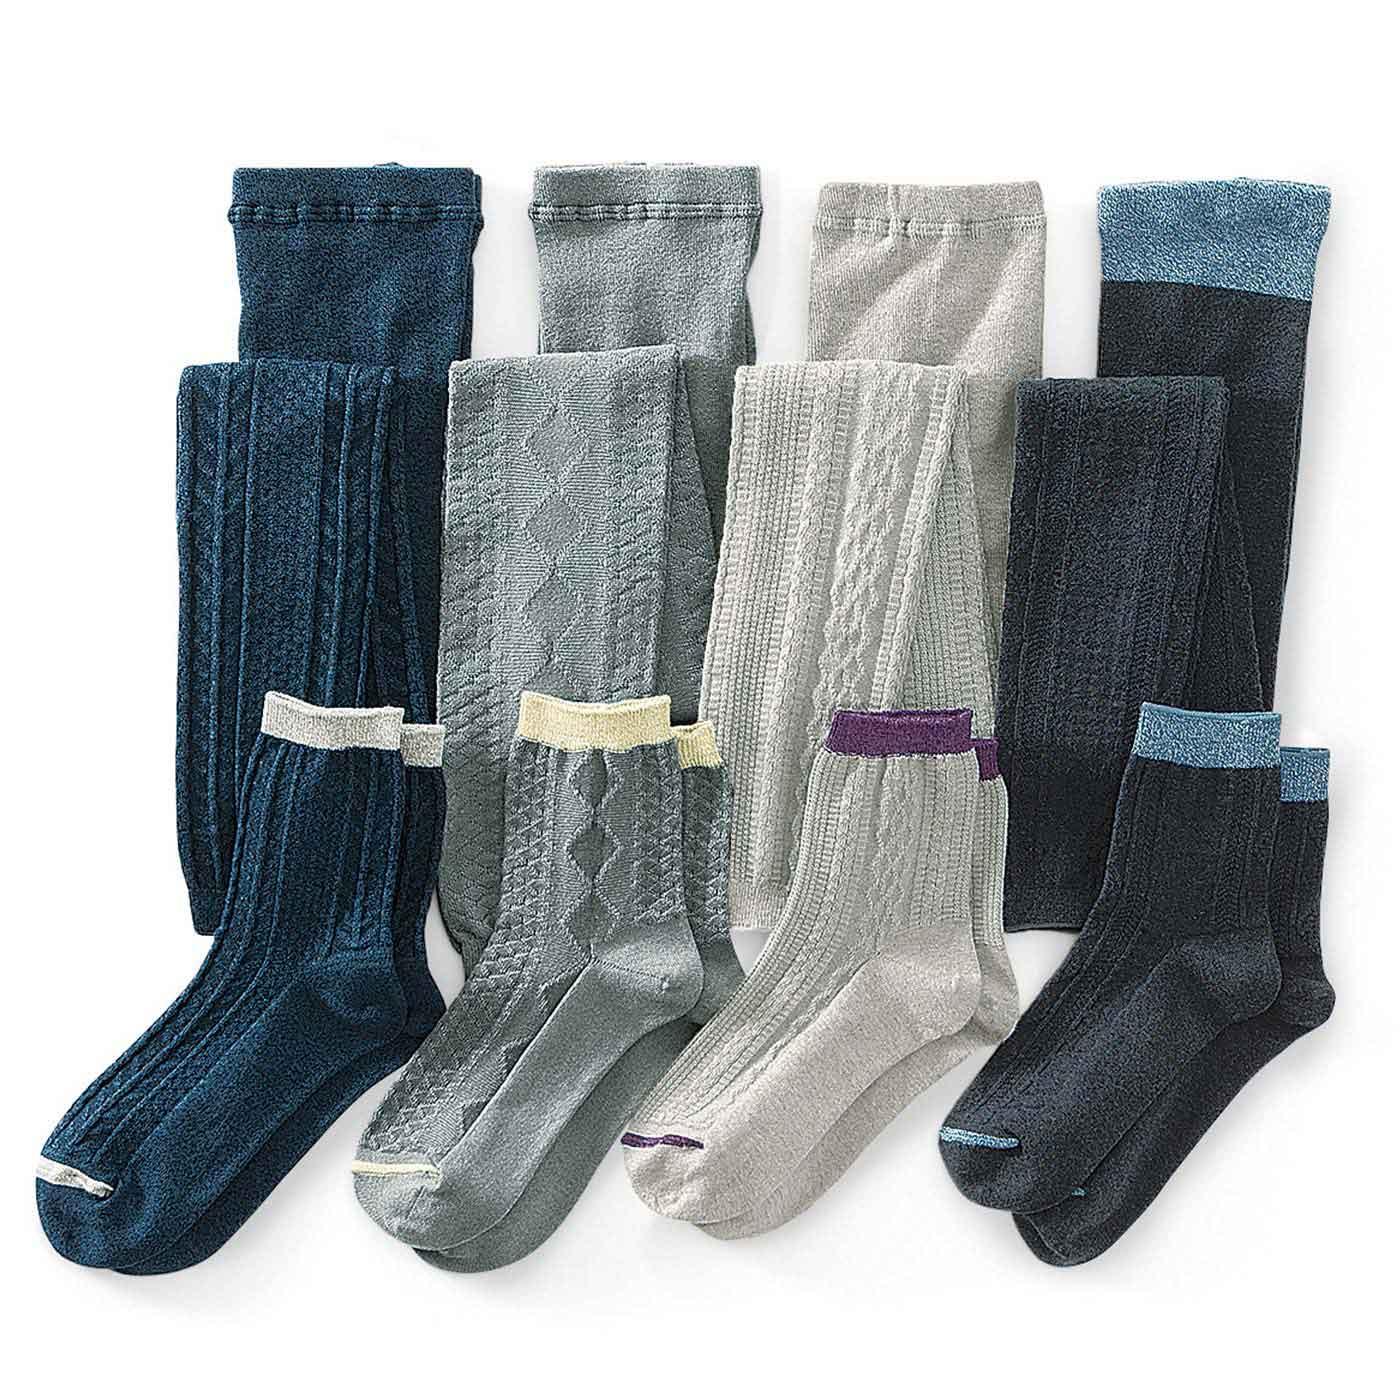 落ち着いた色味と、さりげなくアクセントになる編み模様。色ごとに模様を変えて届けします。